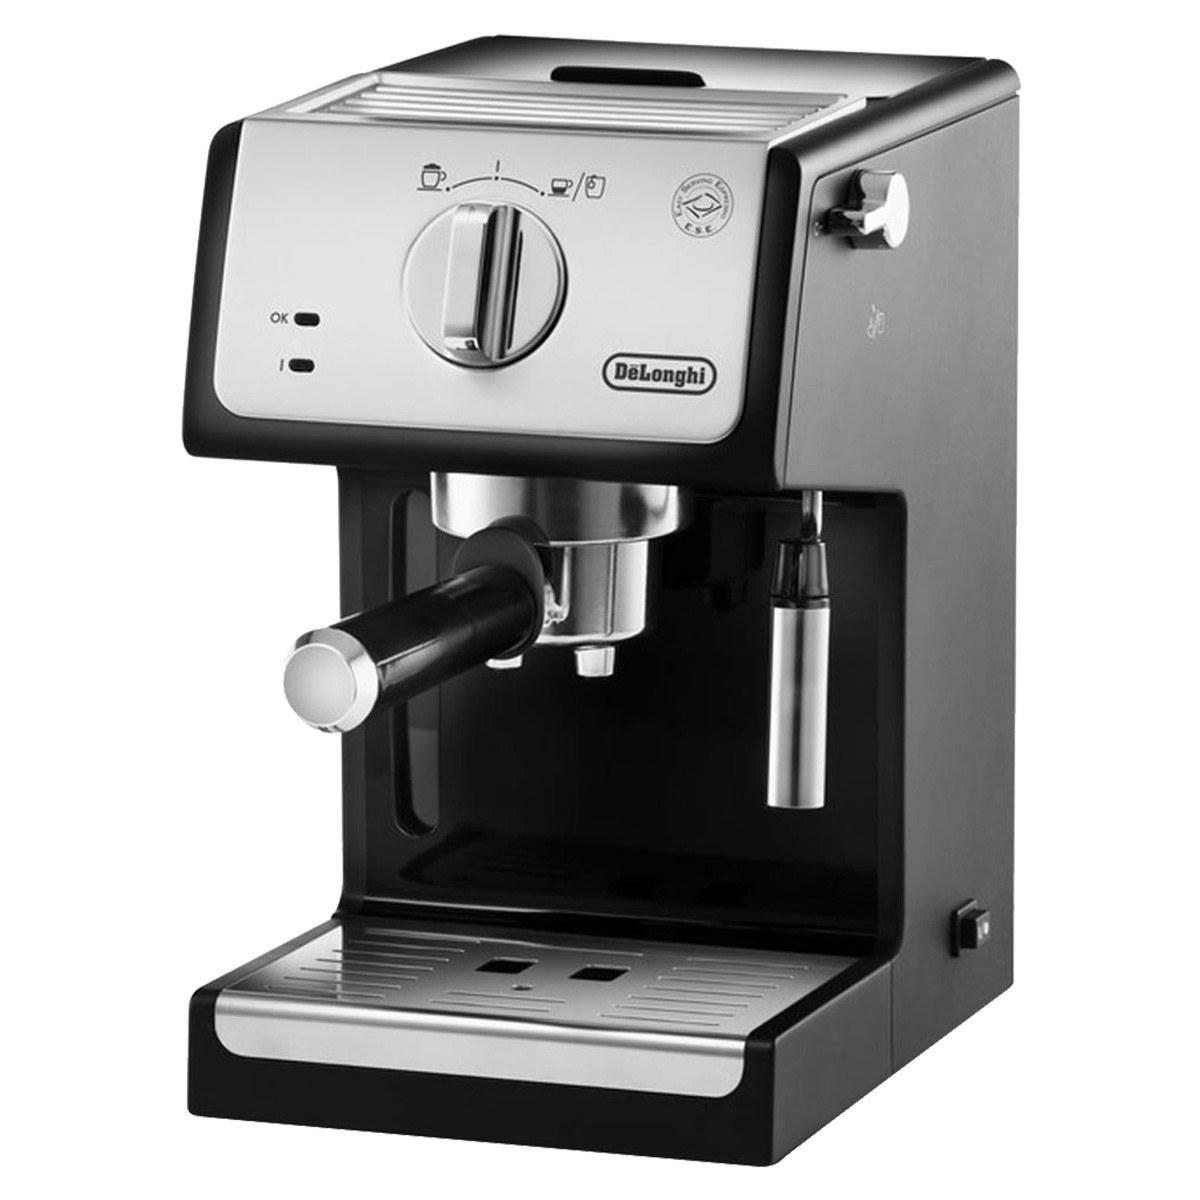 تصویر اسپرسوساز دلونگی مدل ECP 3321 Delongi ECP 3321 Espresso Maker